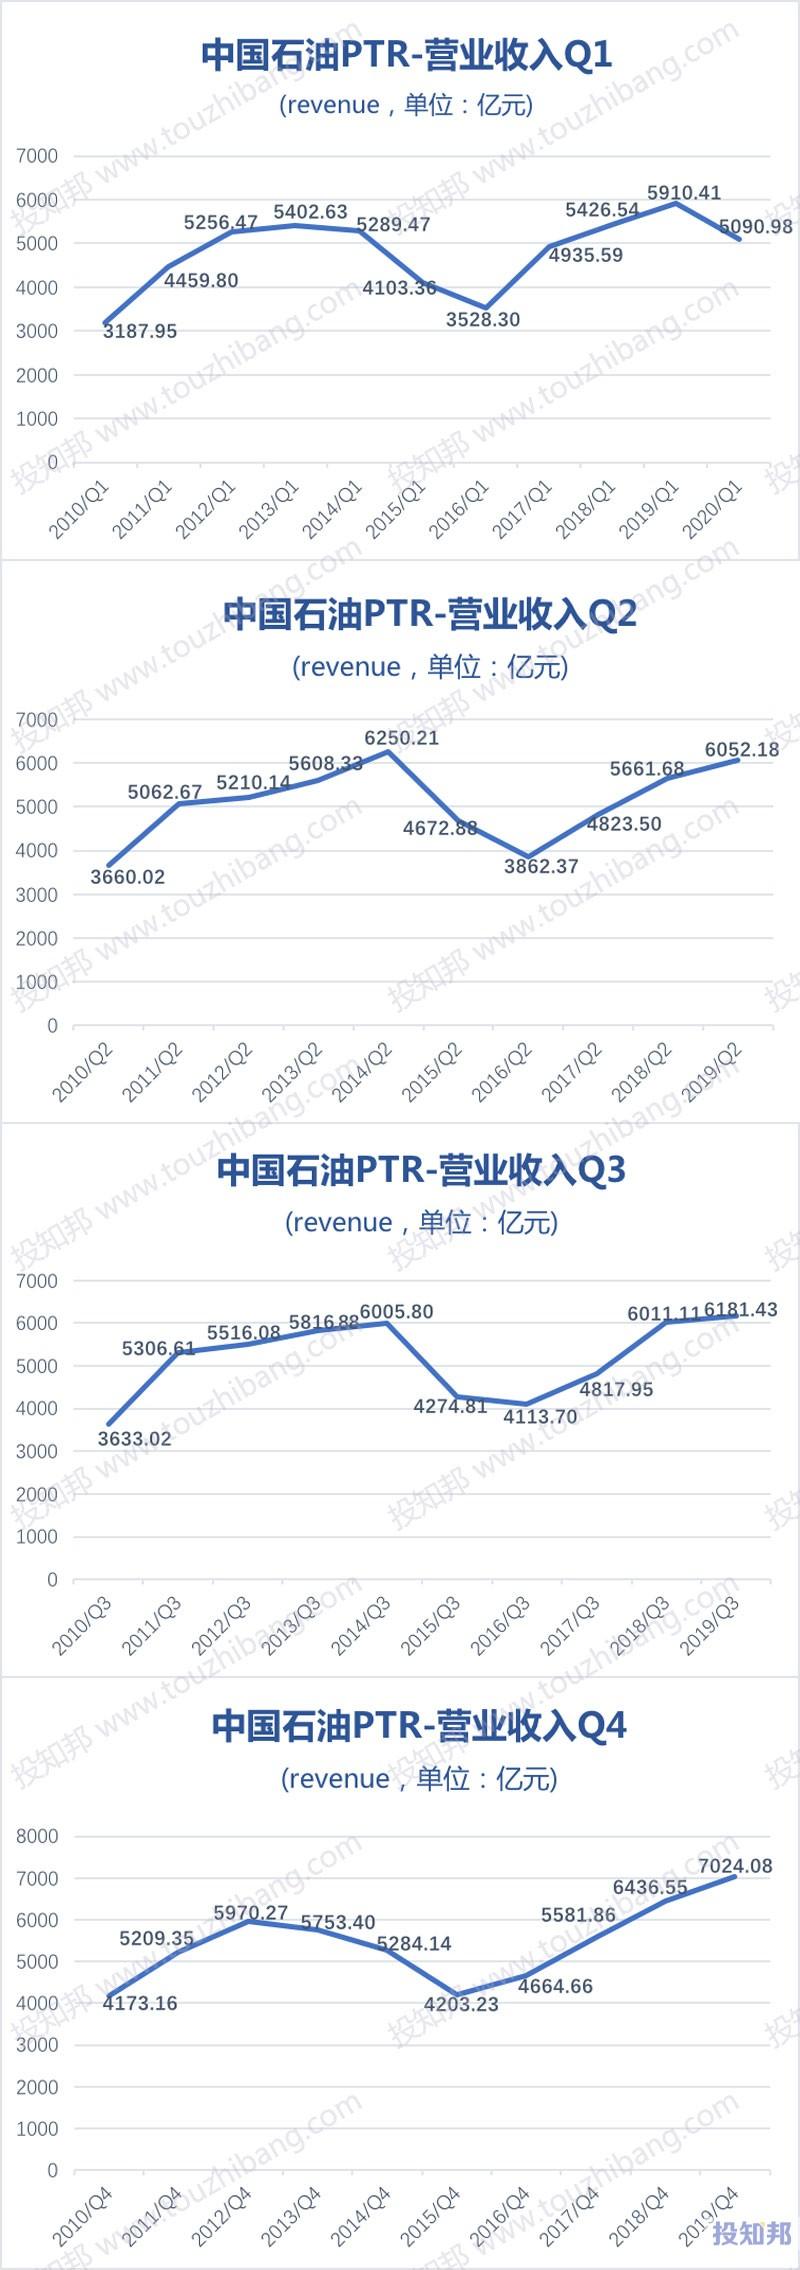 中国石油(PTR)财报数据图示(2010年~2020年Q1,更新)